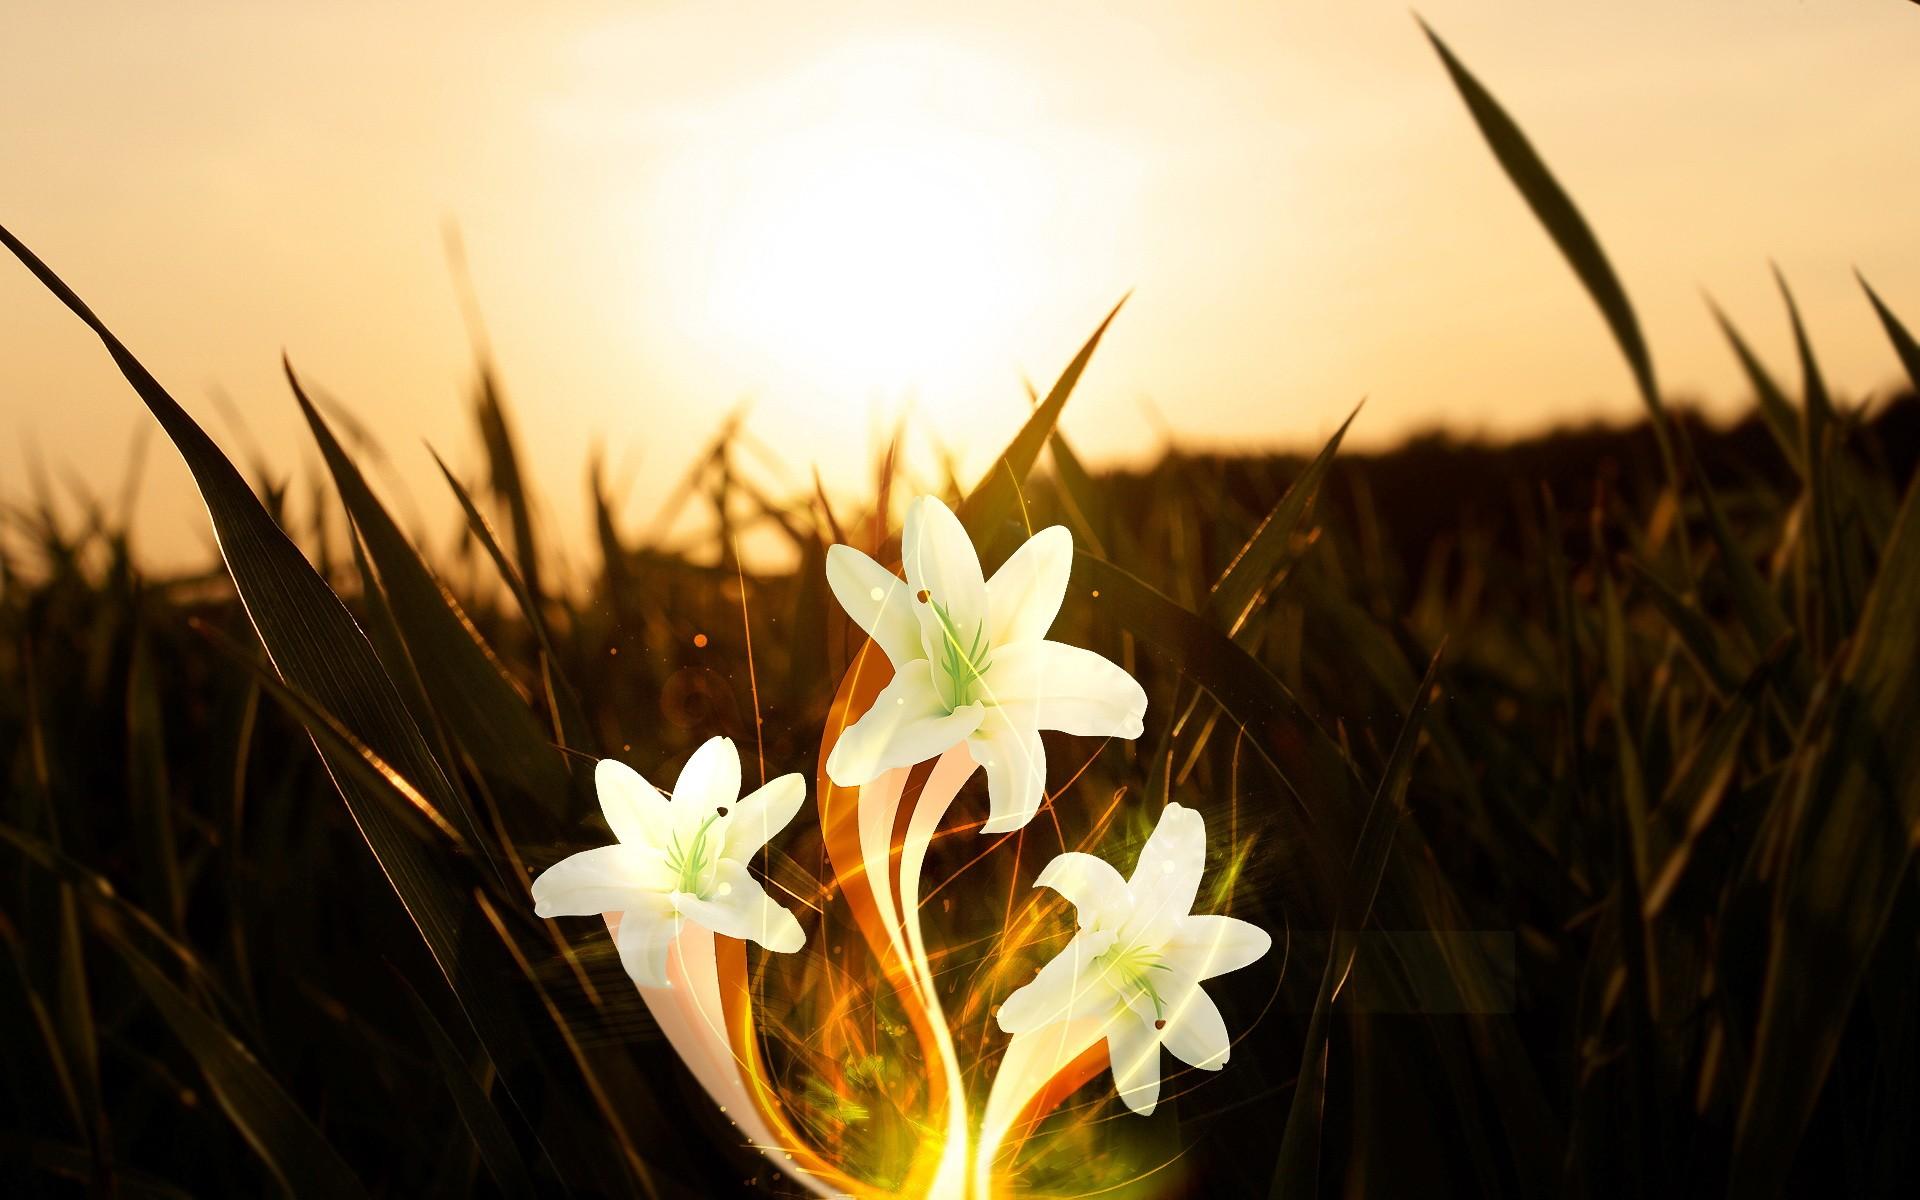 цветы со смыслом фото некоторых фотографиях даже